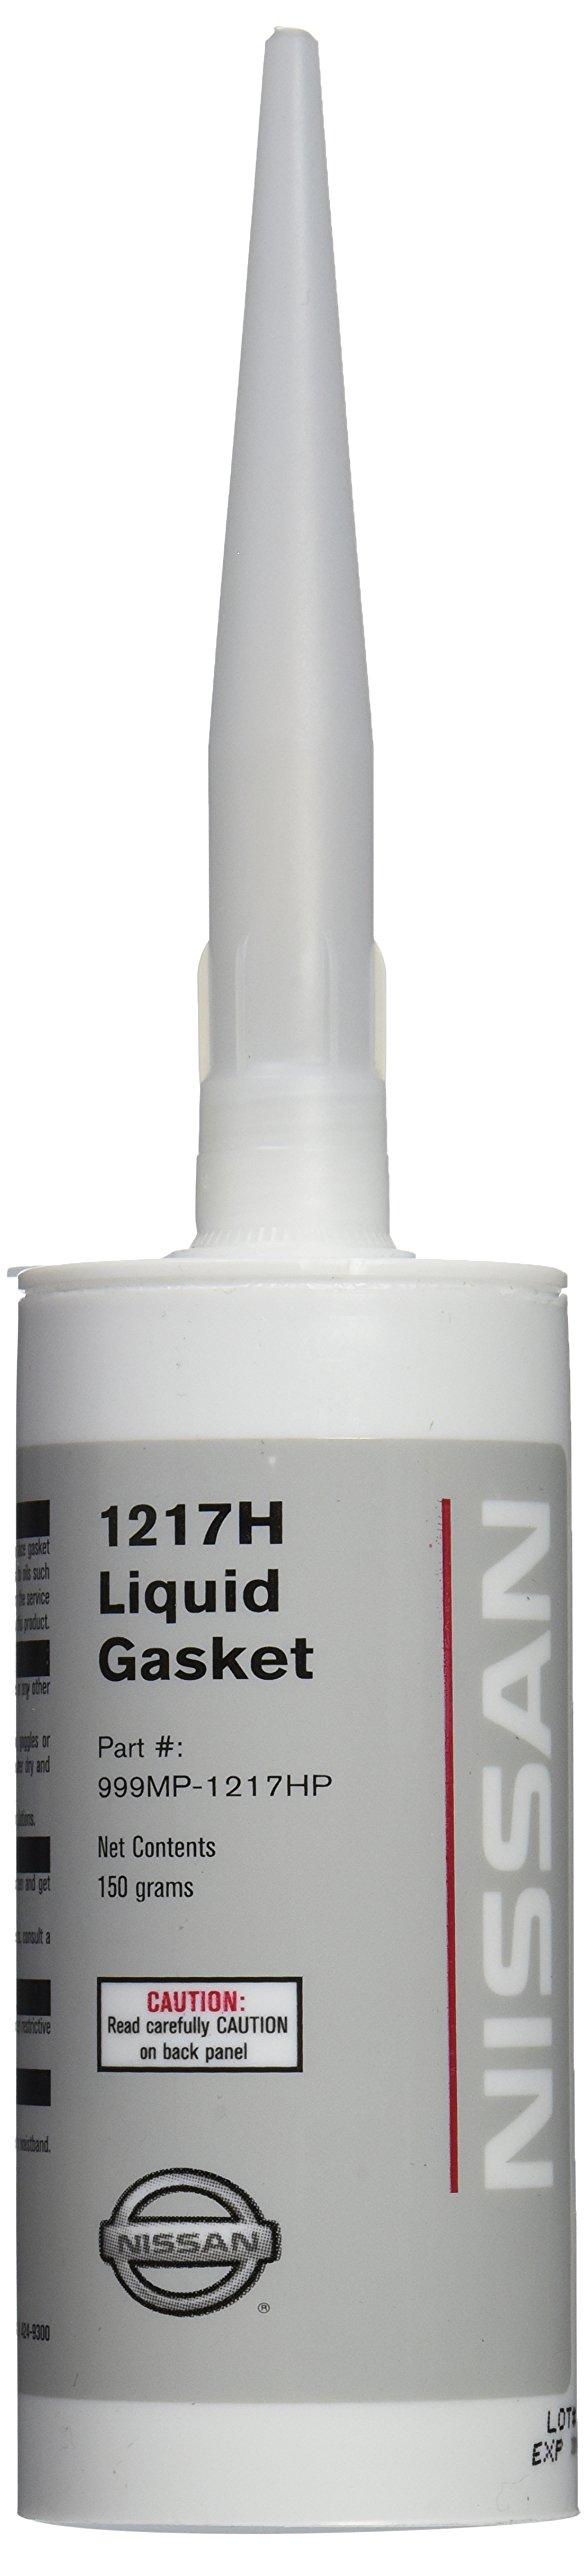 Nissan Genuine Fluid (999MP-1217HP) Liquid Gasket - 150 Grams